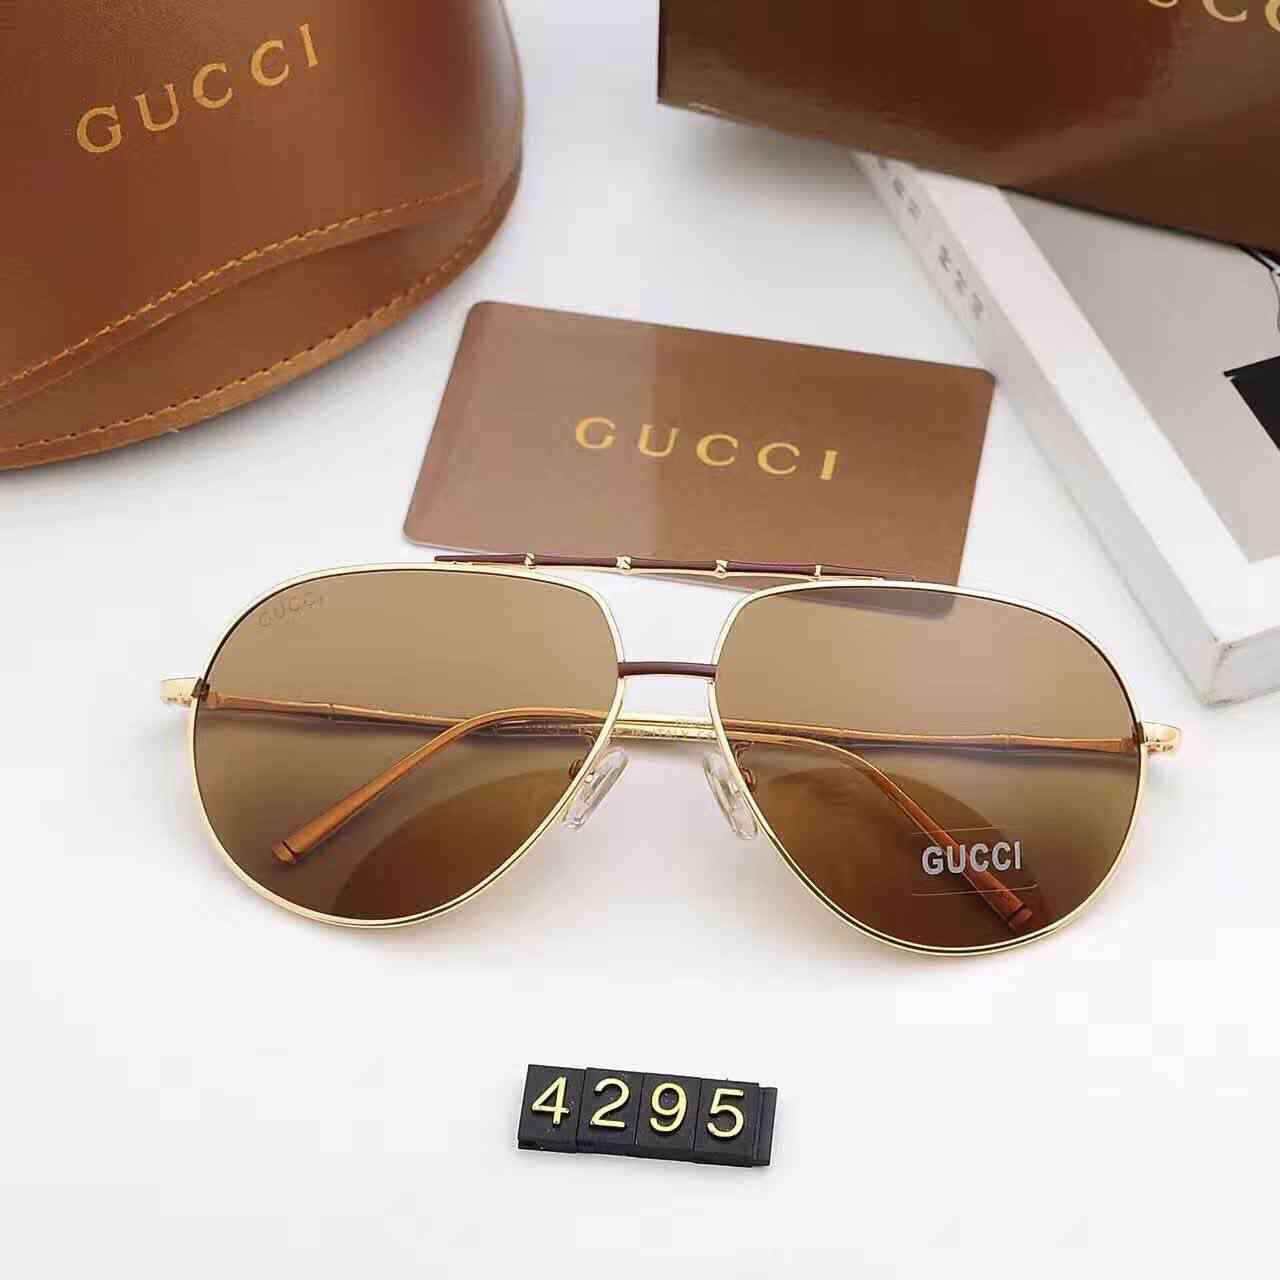 最主流的各大品牌太阳镜货源